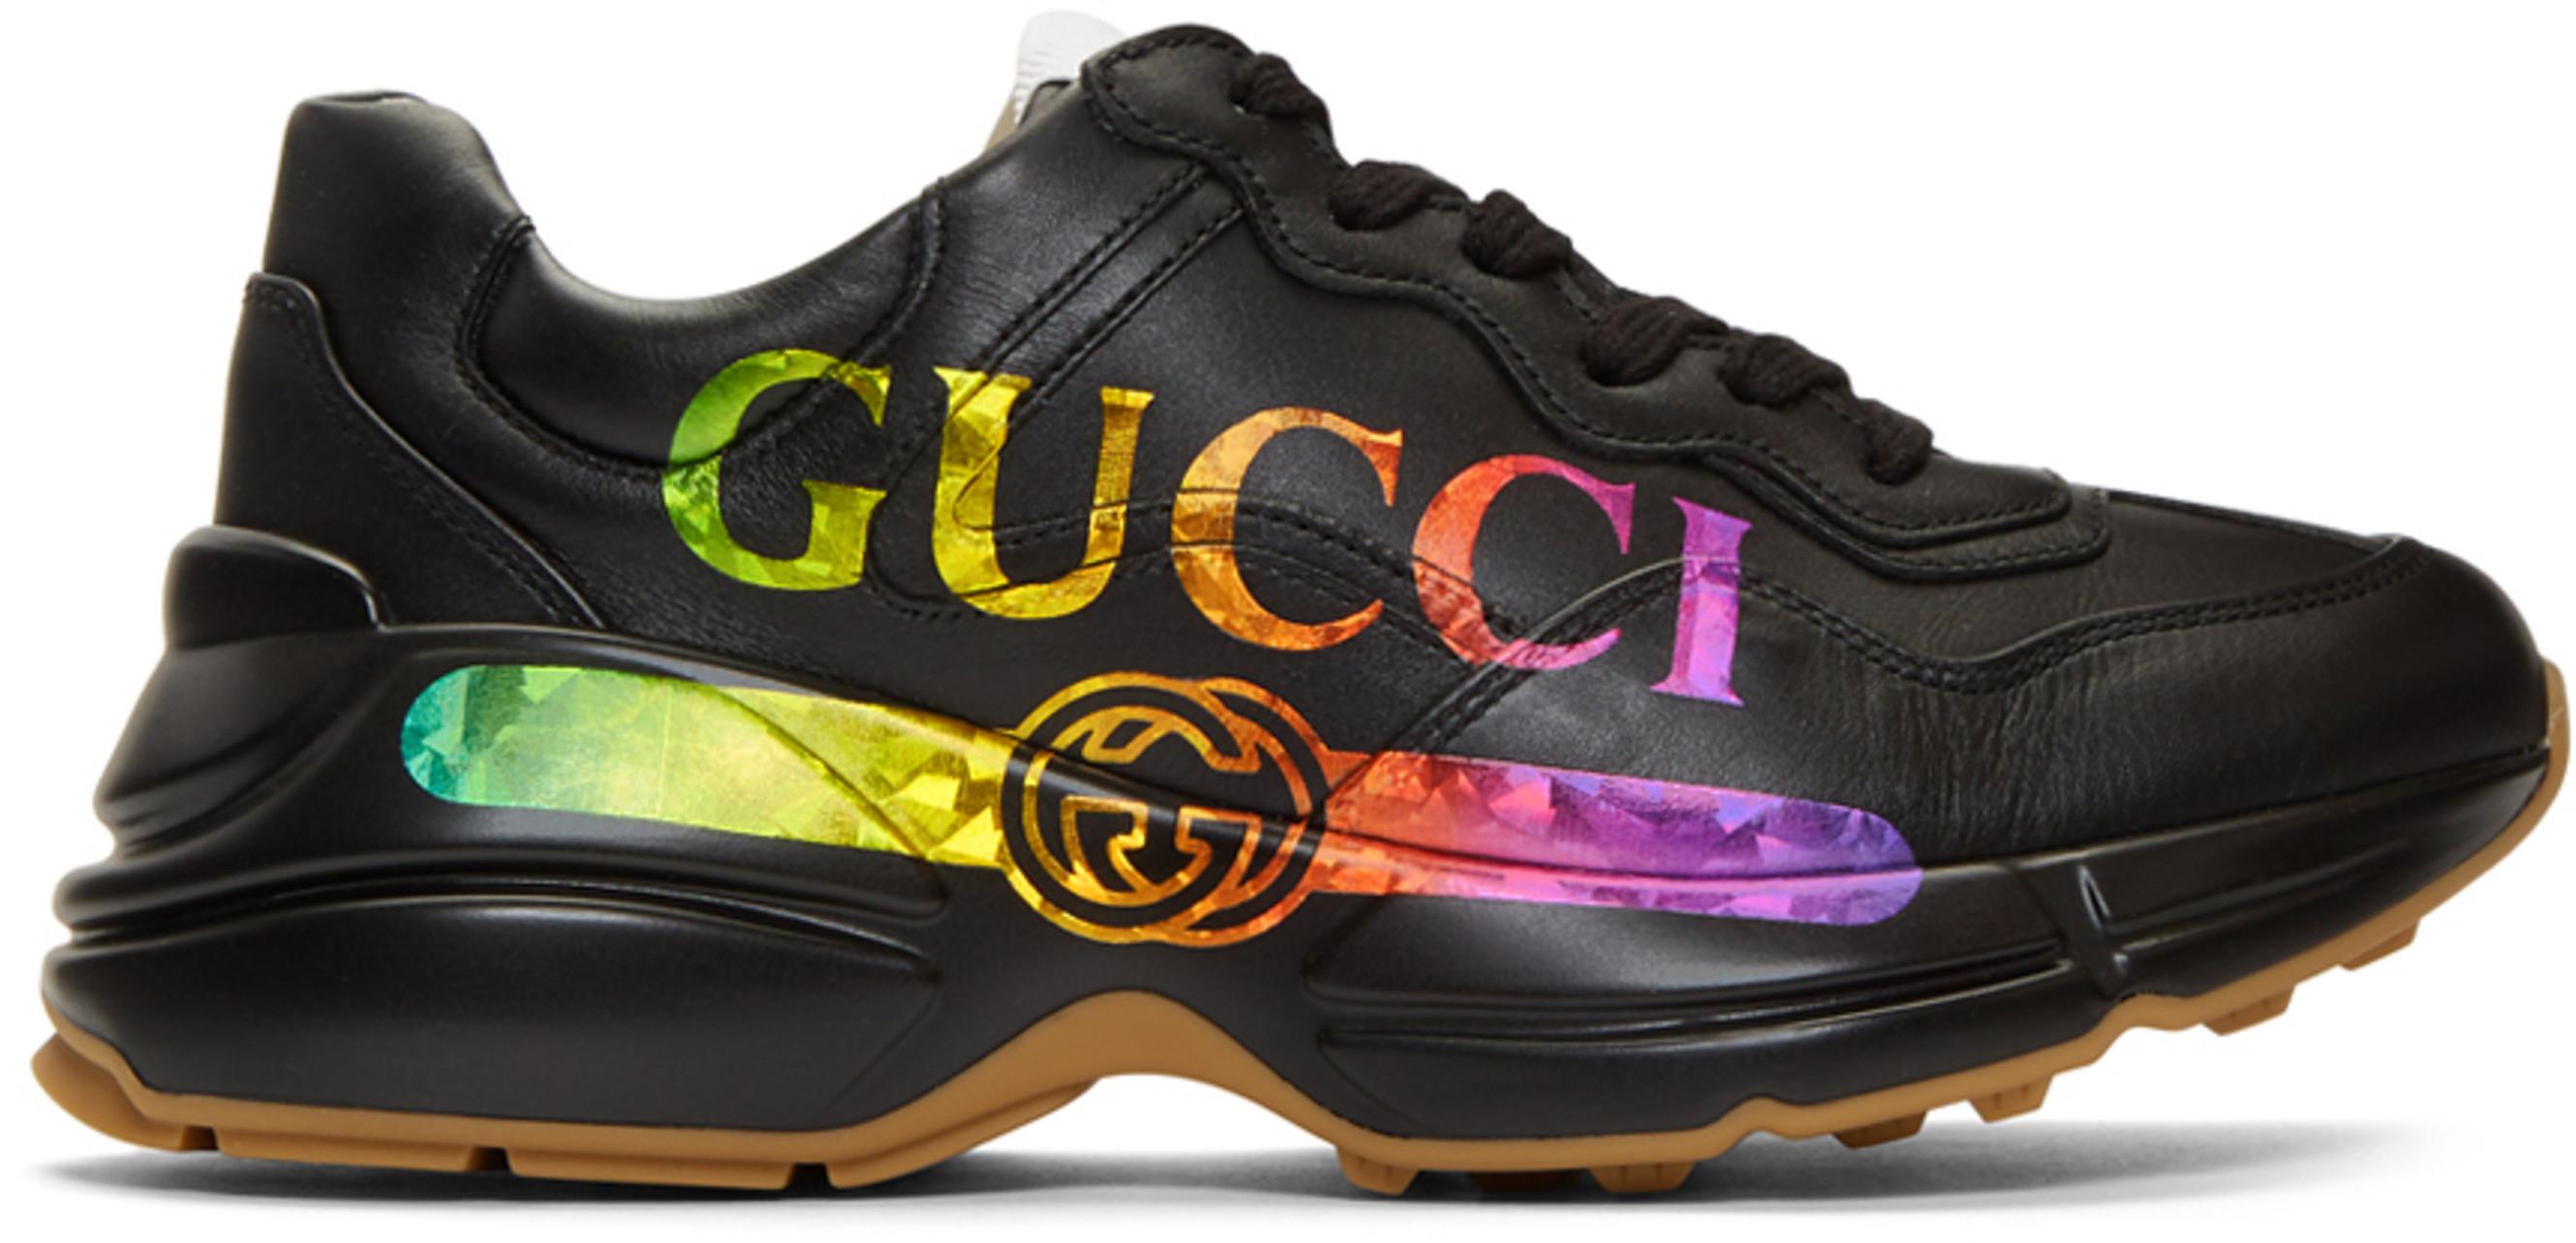 Vintage Sneakers Vintage Vintage Rython Black Sneakers Black Rython Rython Black thxrCsBdQ